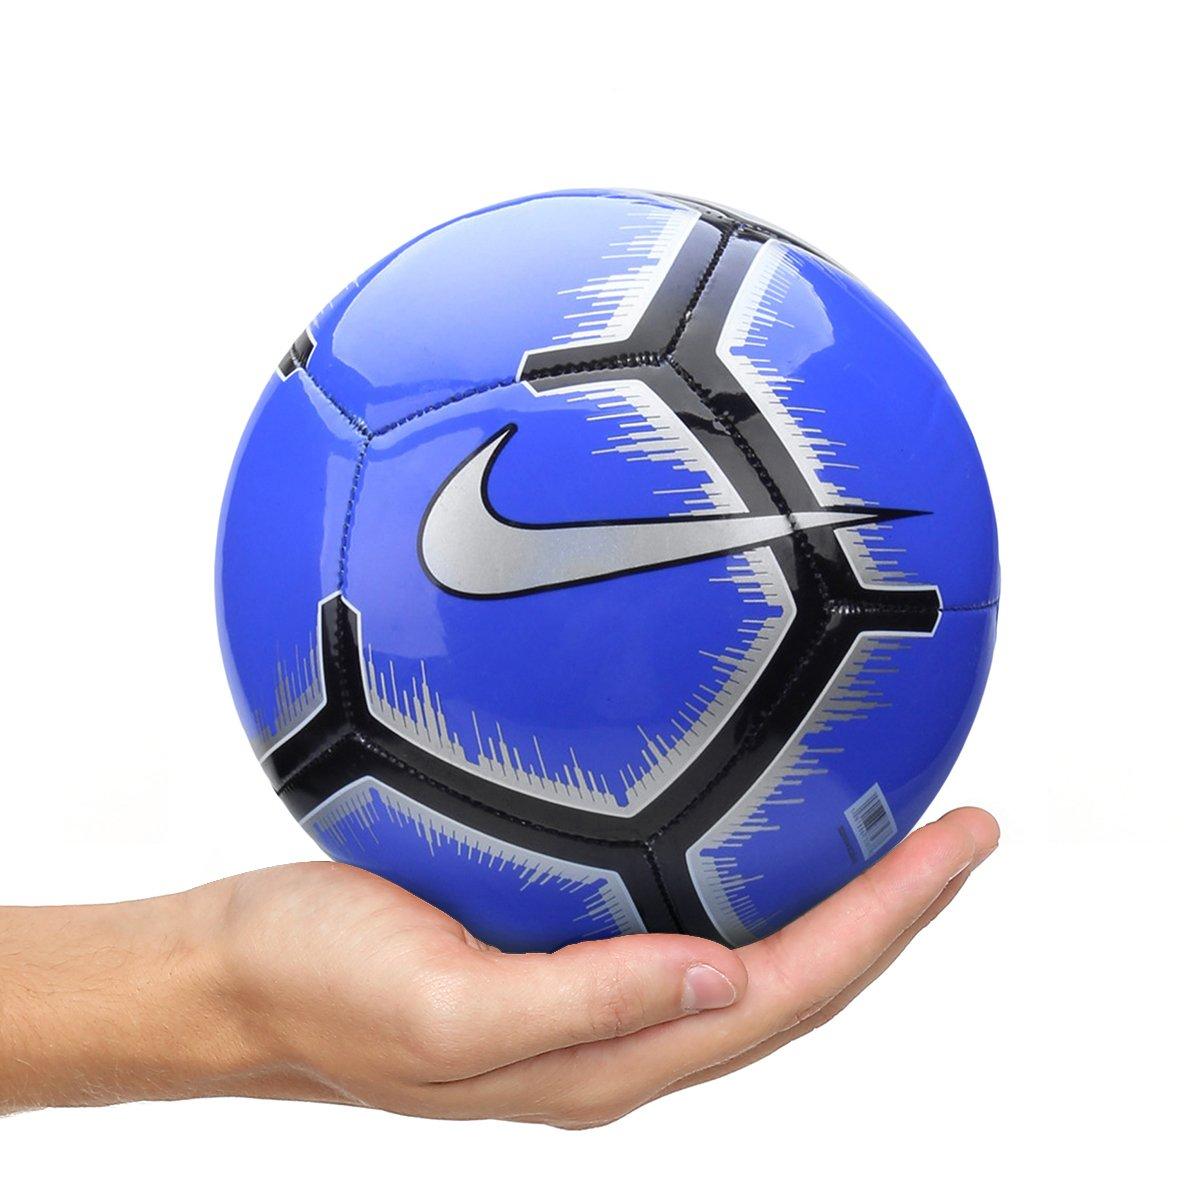 74d4a2274f Mini Bola de Futebol Nike Skills - Azul e Preto - Compre Agora ...